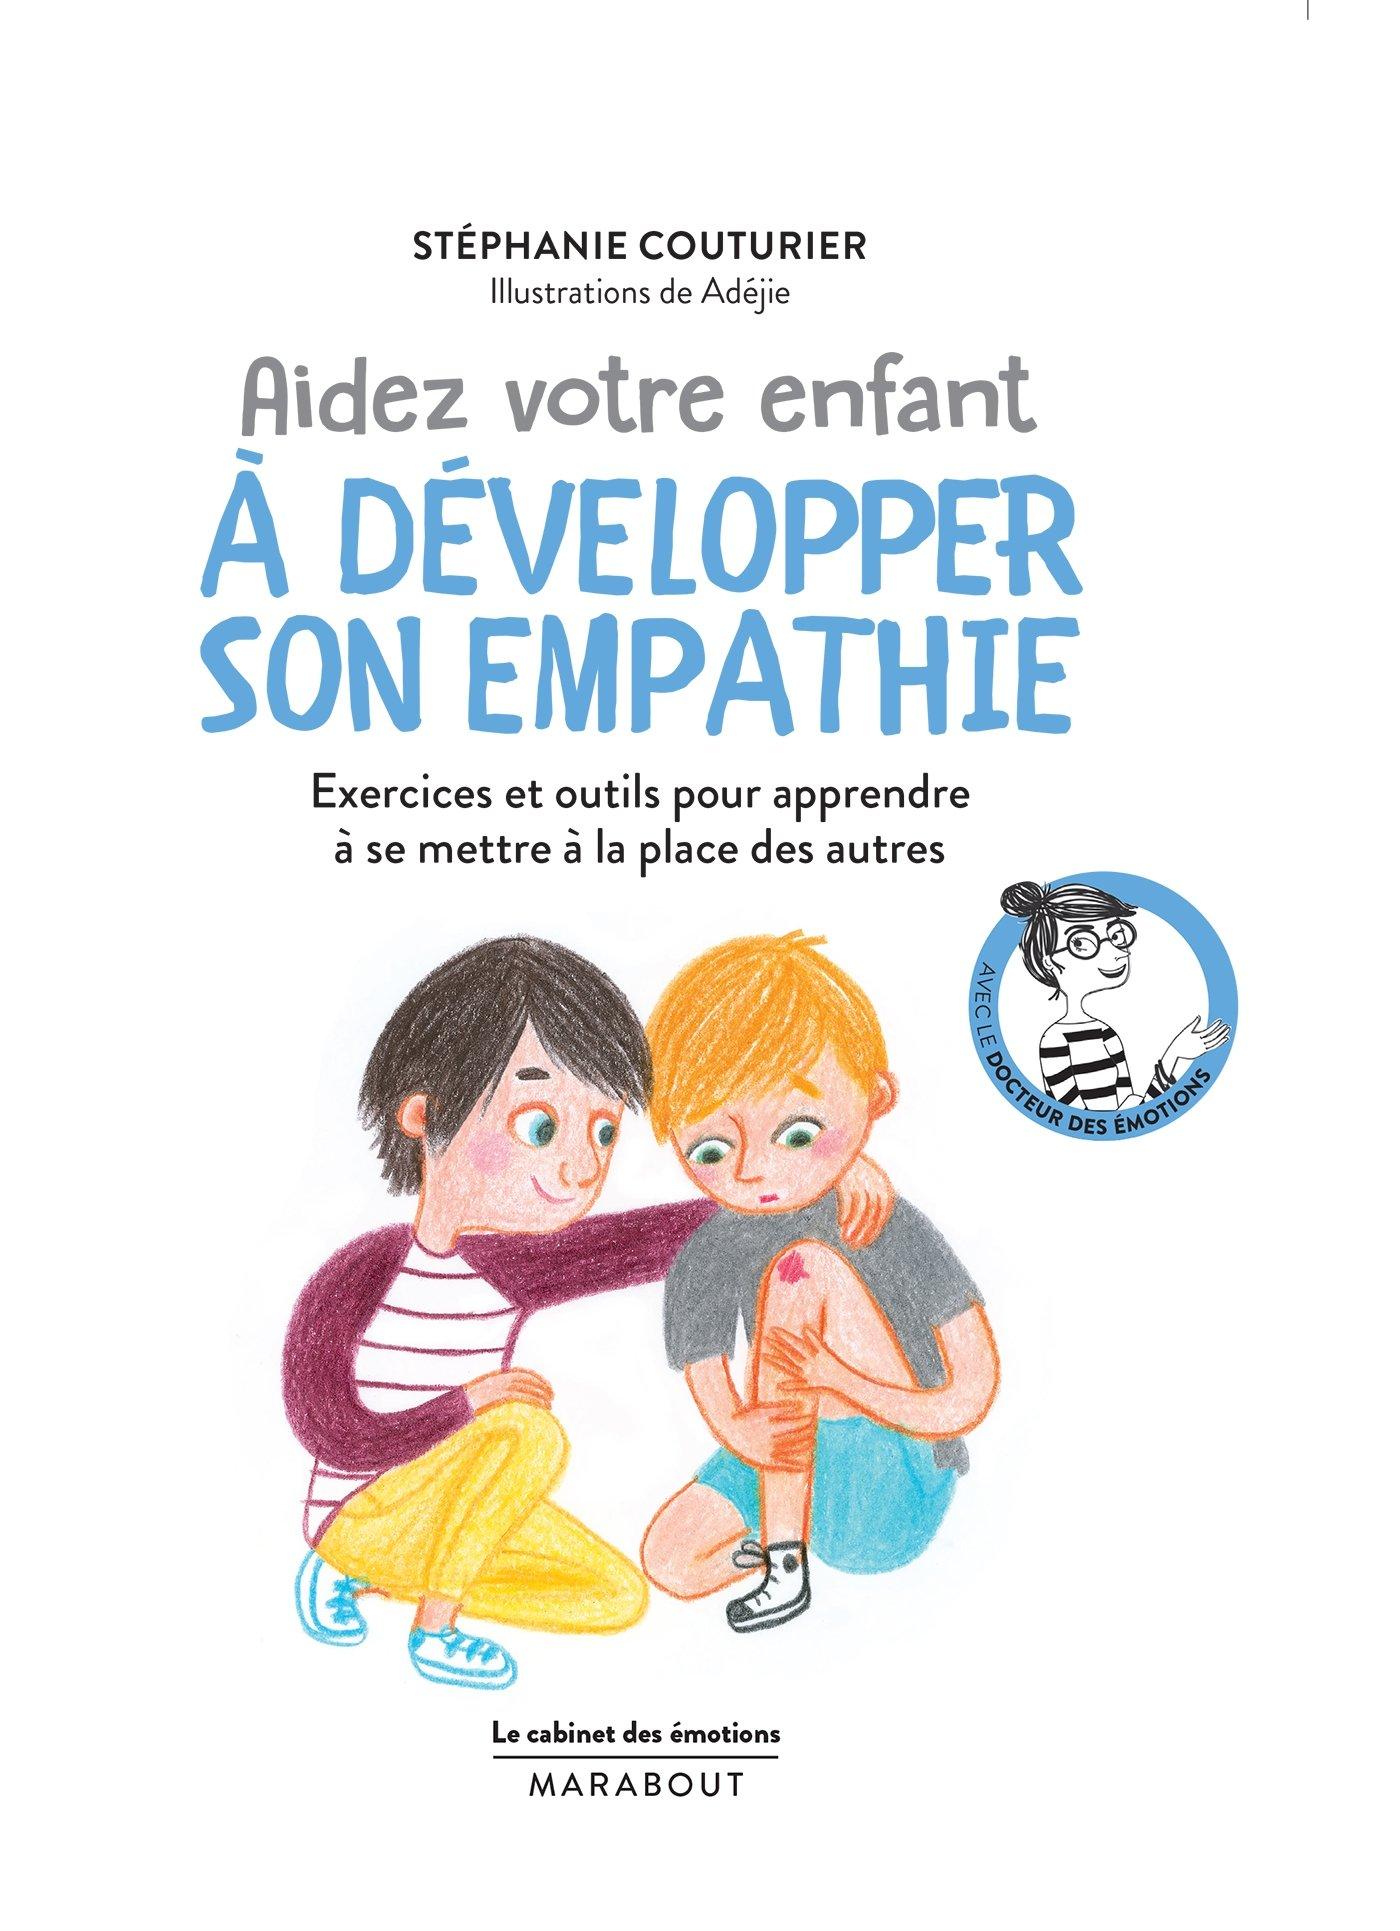 Le cabinet des émotions : des idées pour cultiver l'empathie des enfants